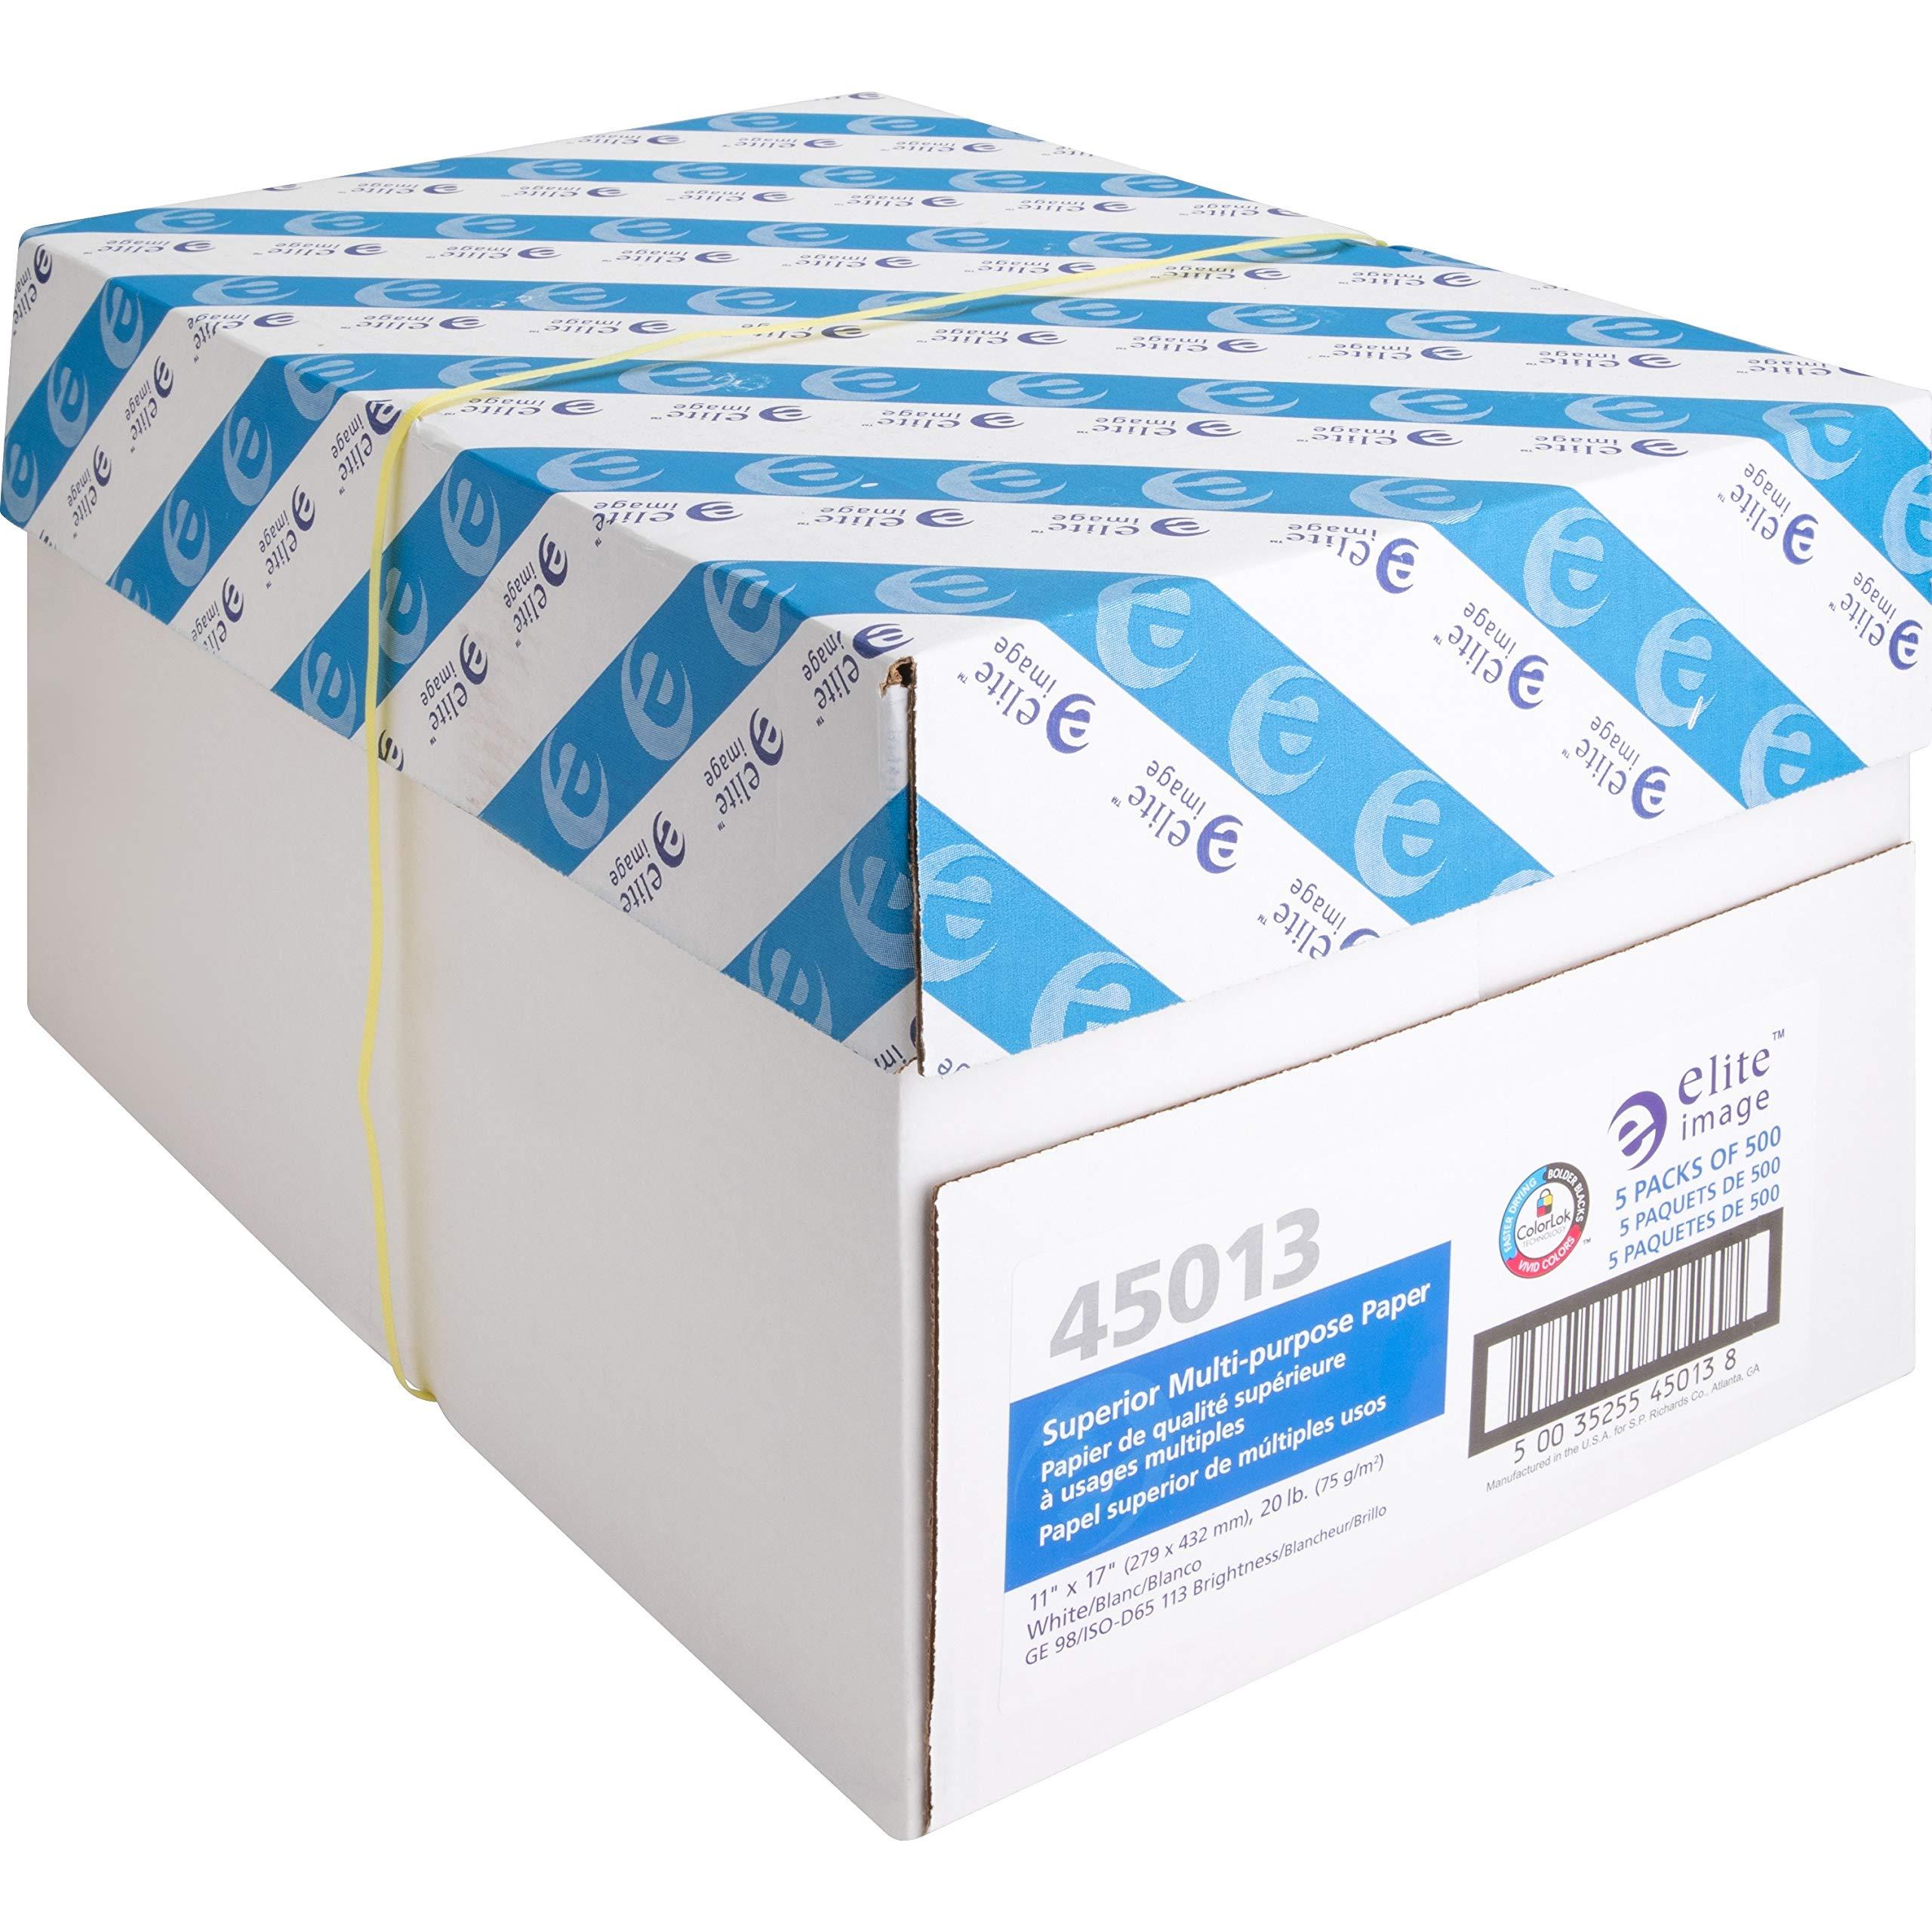 Elite Image 45013 Multipurpose Paper,98 GE/112 ISO,20Ib,11''x17'',5/CT,WE